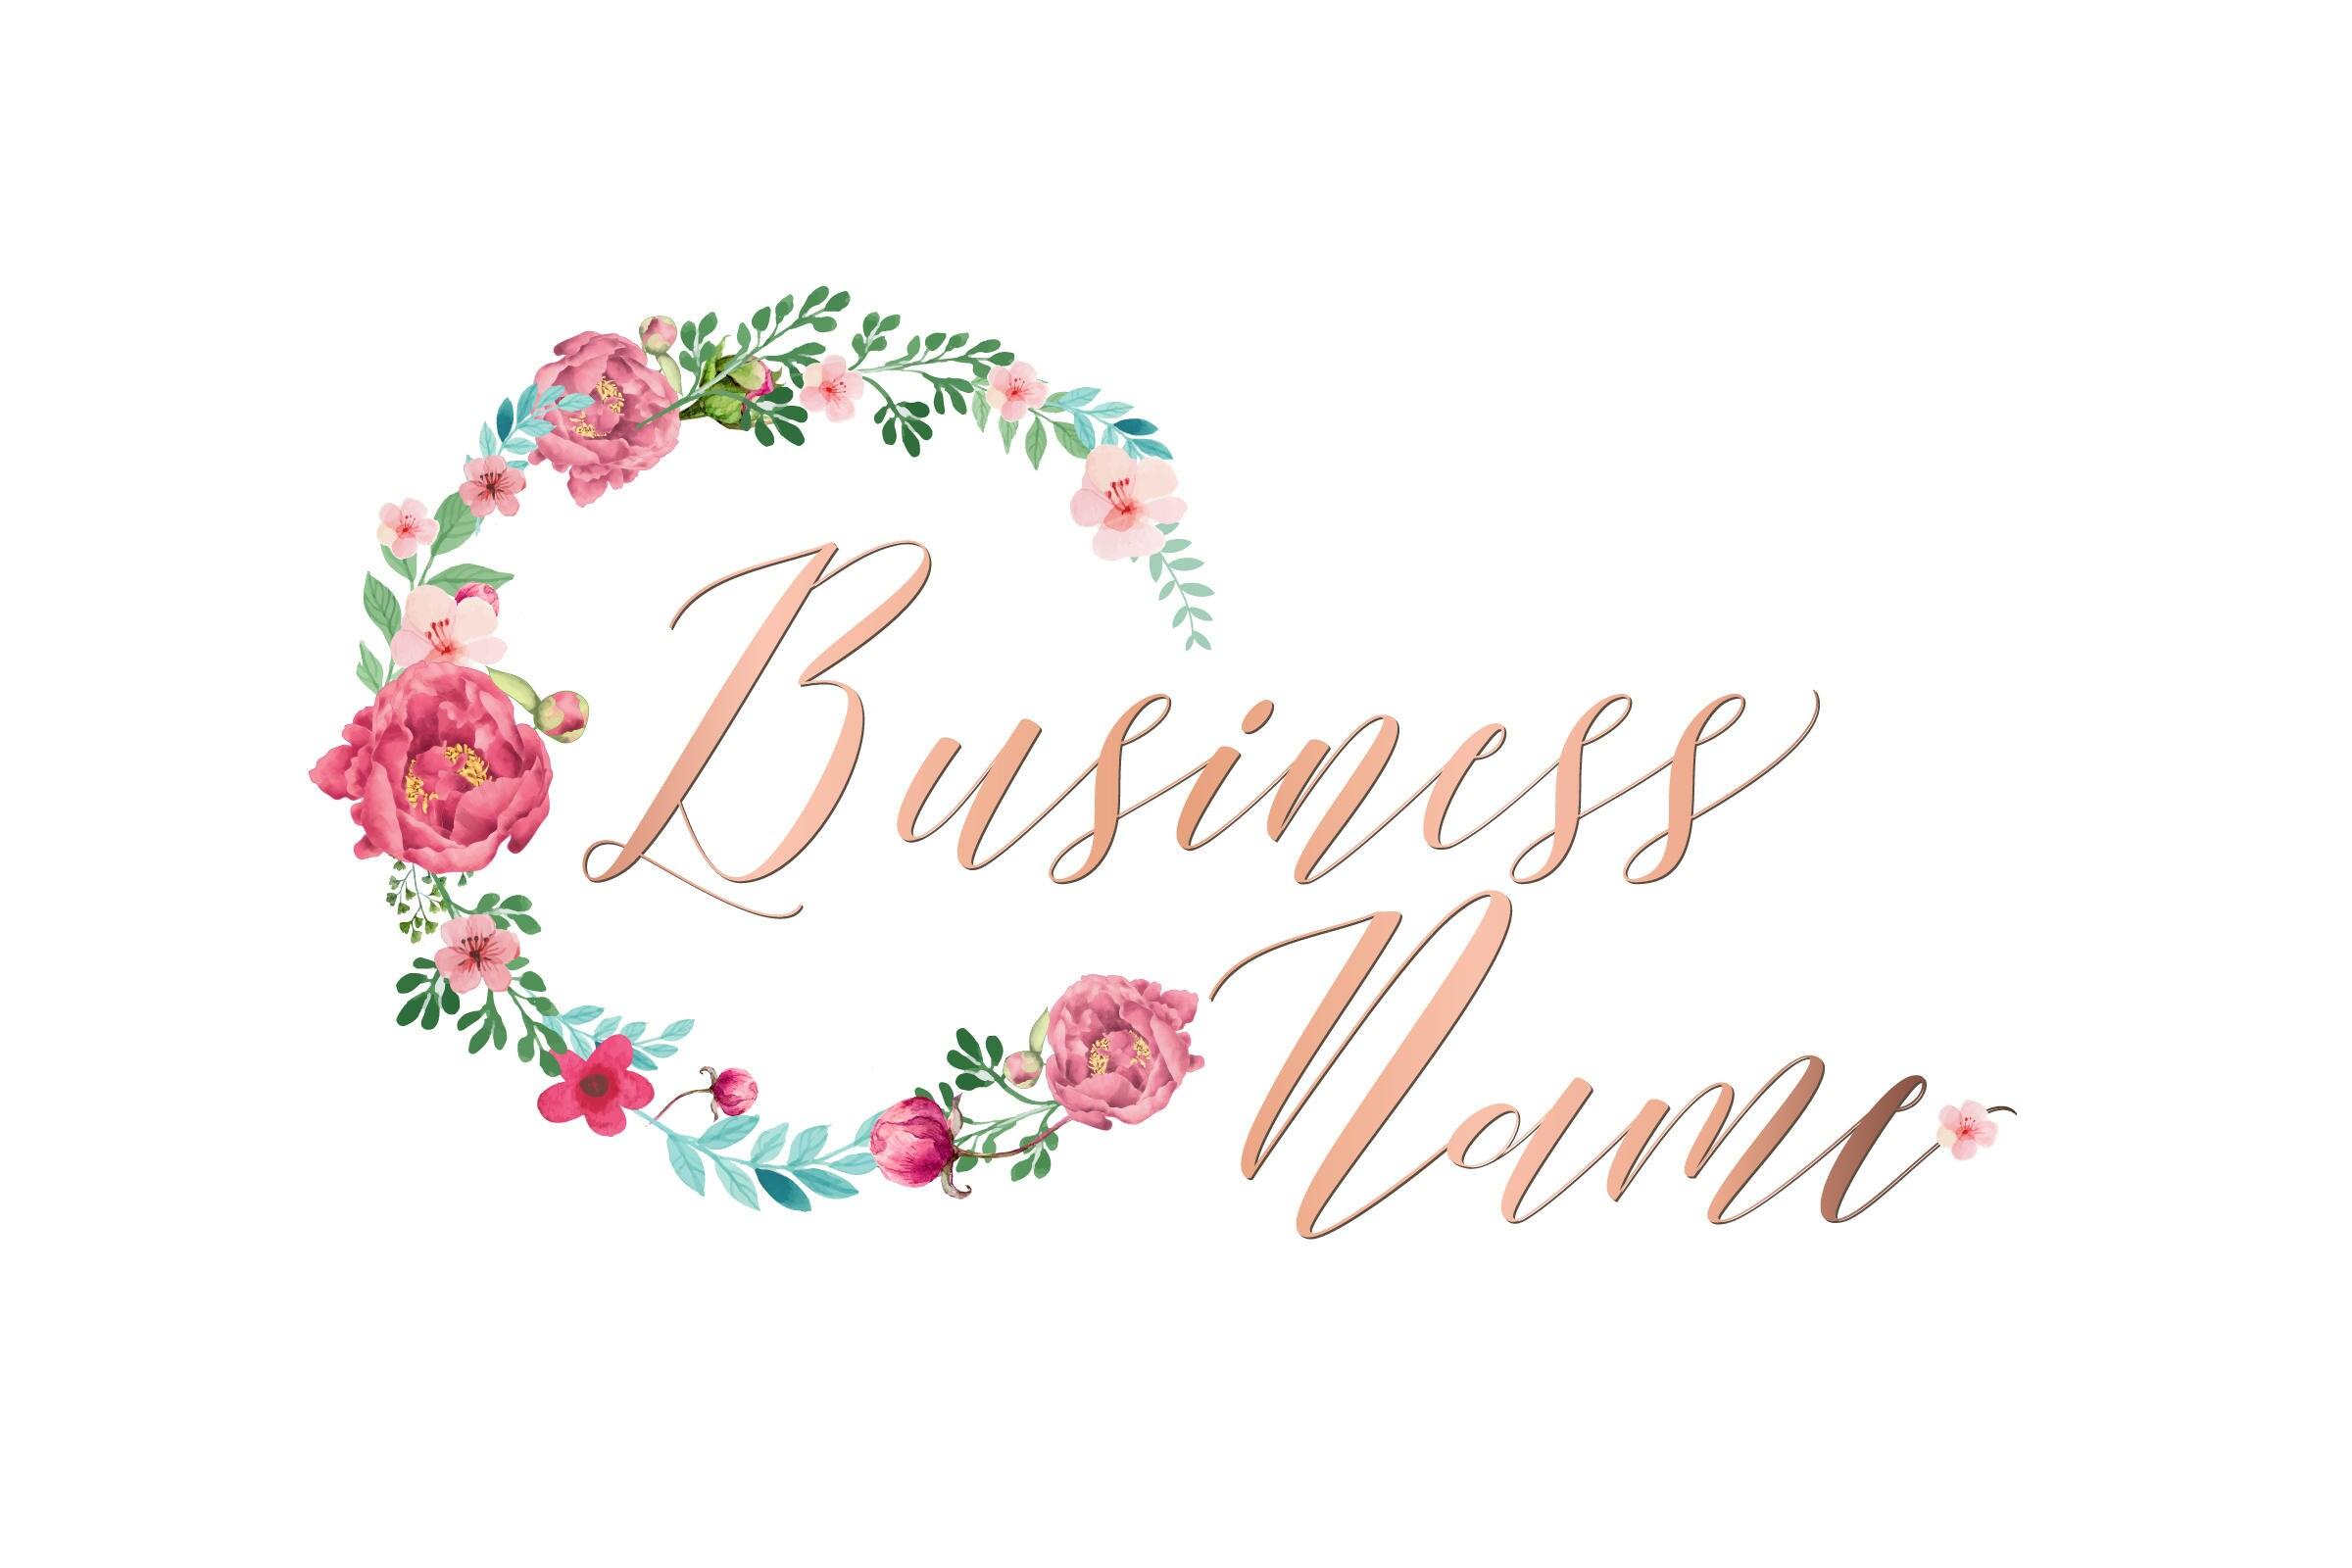 Conhecido Photography logo Custom logo design watercolor flowers logo VK11